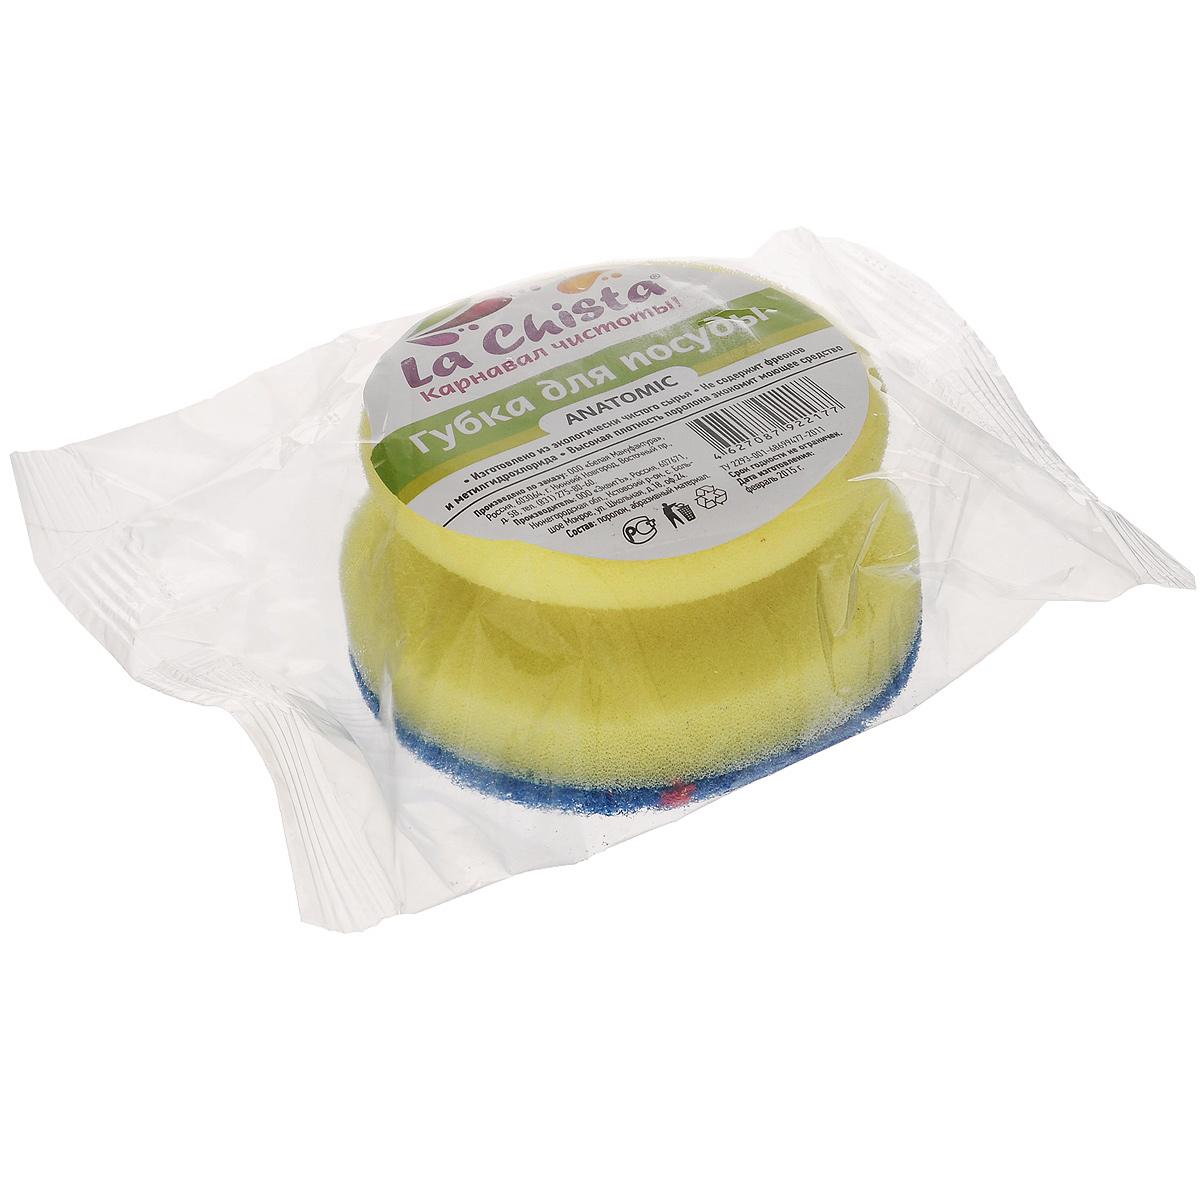 Губка для посуды La Chista Анатомик, с держателем, цвет: желтый, 9,5 см х 9,5 см х 4,5 см870323Круглая губка La Chista Анатомик, изготовленная из мягкого поролона с абразивными материалами, предназначена для уборки и мытья посуды. Они идеально удаляют жир, грязь и пригоревшую пищу. Форма губки позволяет удобно ее удерживать.Особенности:Изготовлены из экологически чистого сырья.Не содержит фреонов и метилгидрохлорида.Высокая плотность поролона экономит моющее средство.